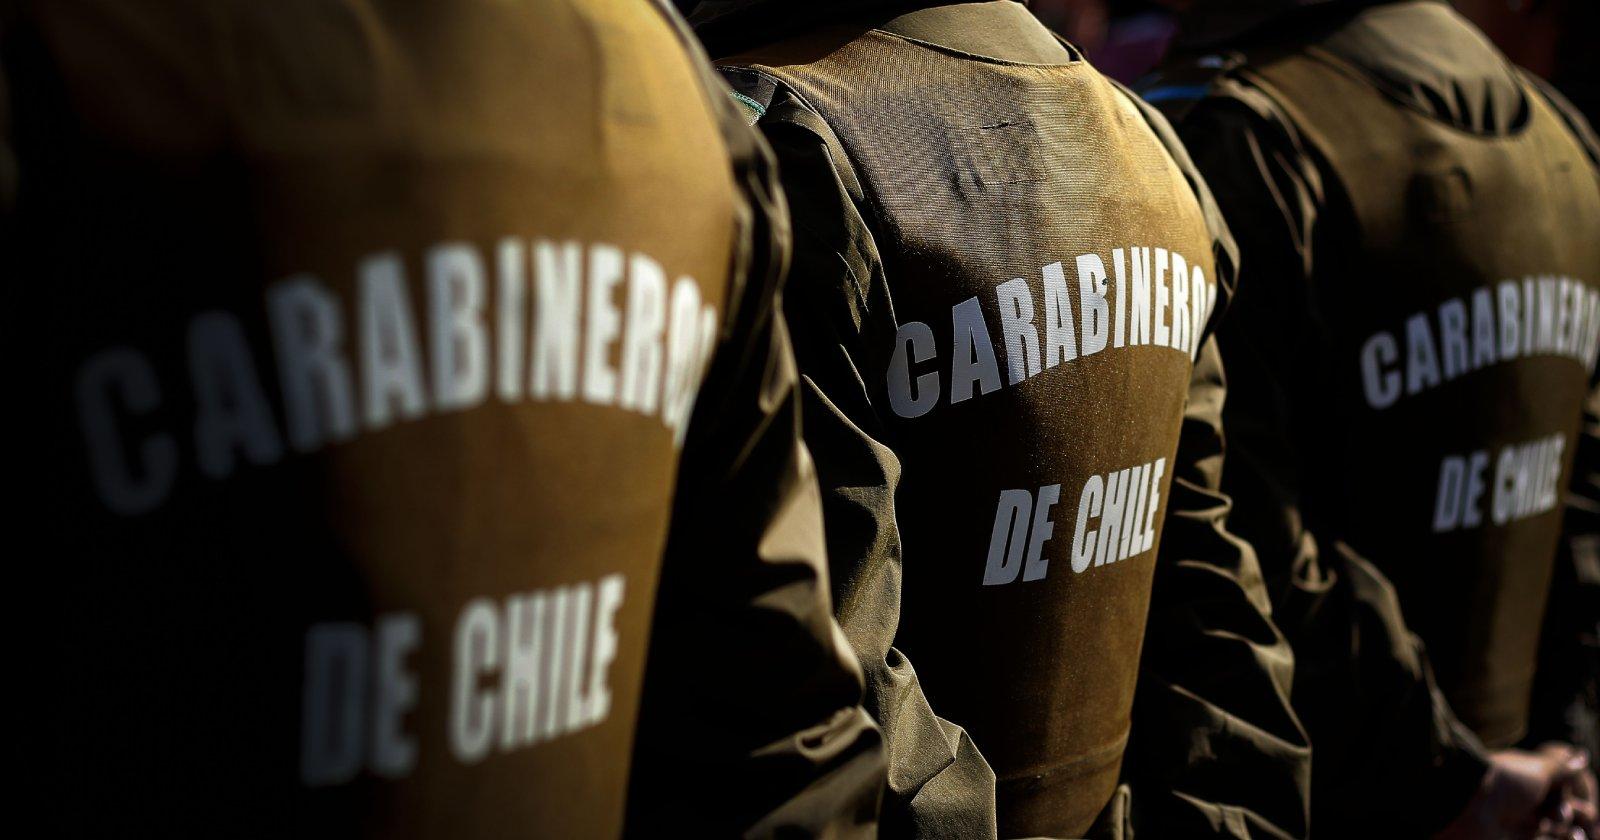 PDI detiene a carabinero que disparó contra adolescentes del Sename